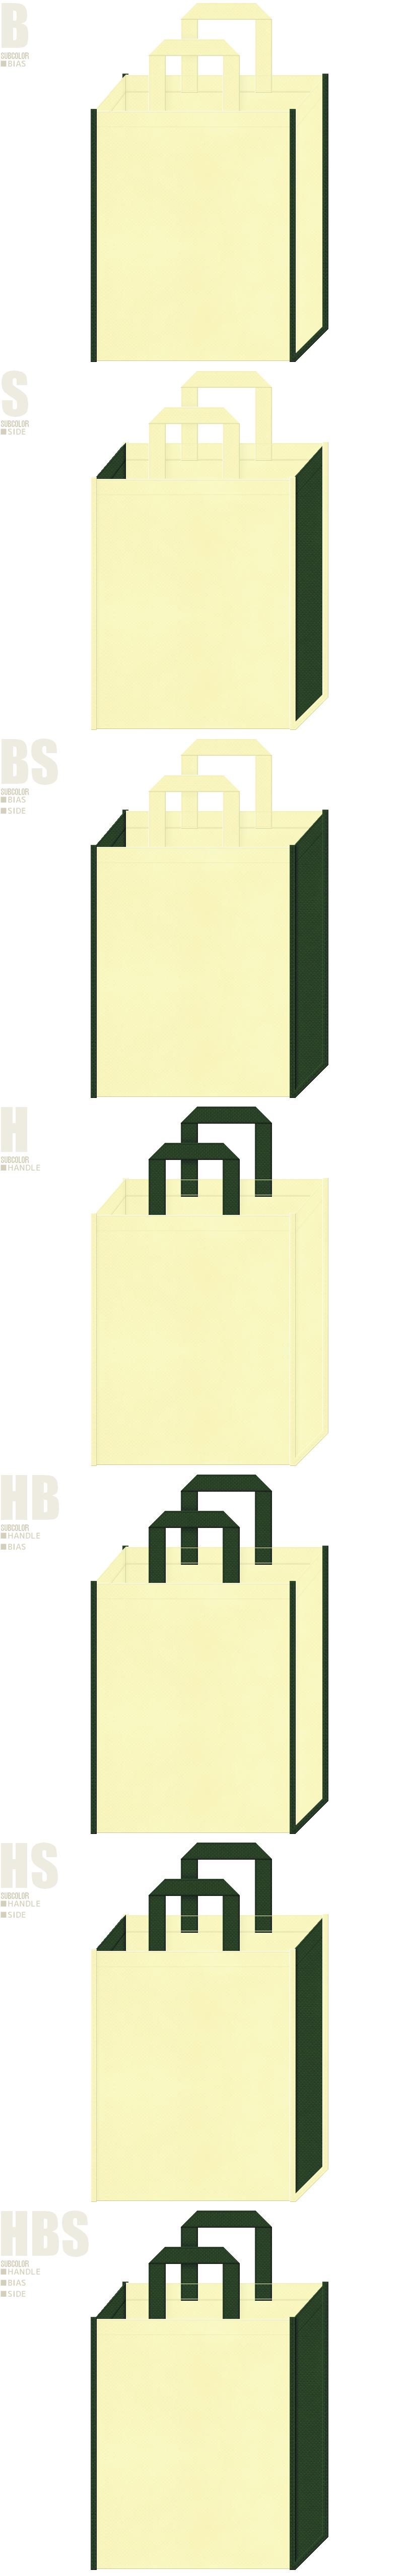 薄黄色と濃緑色、7パターンの不織布トートバッグ配色デザイン例。学校・オープンキャンパスにお奨めです。